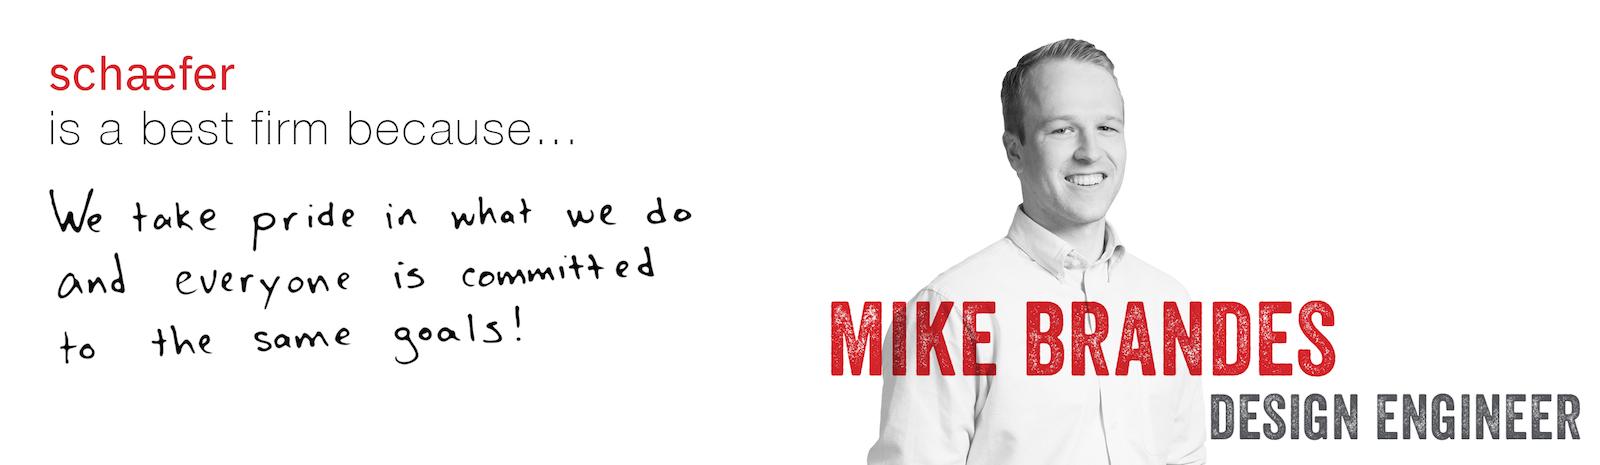 Careers Testimonial - Mike Brandes